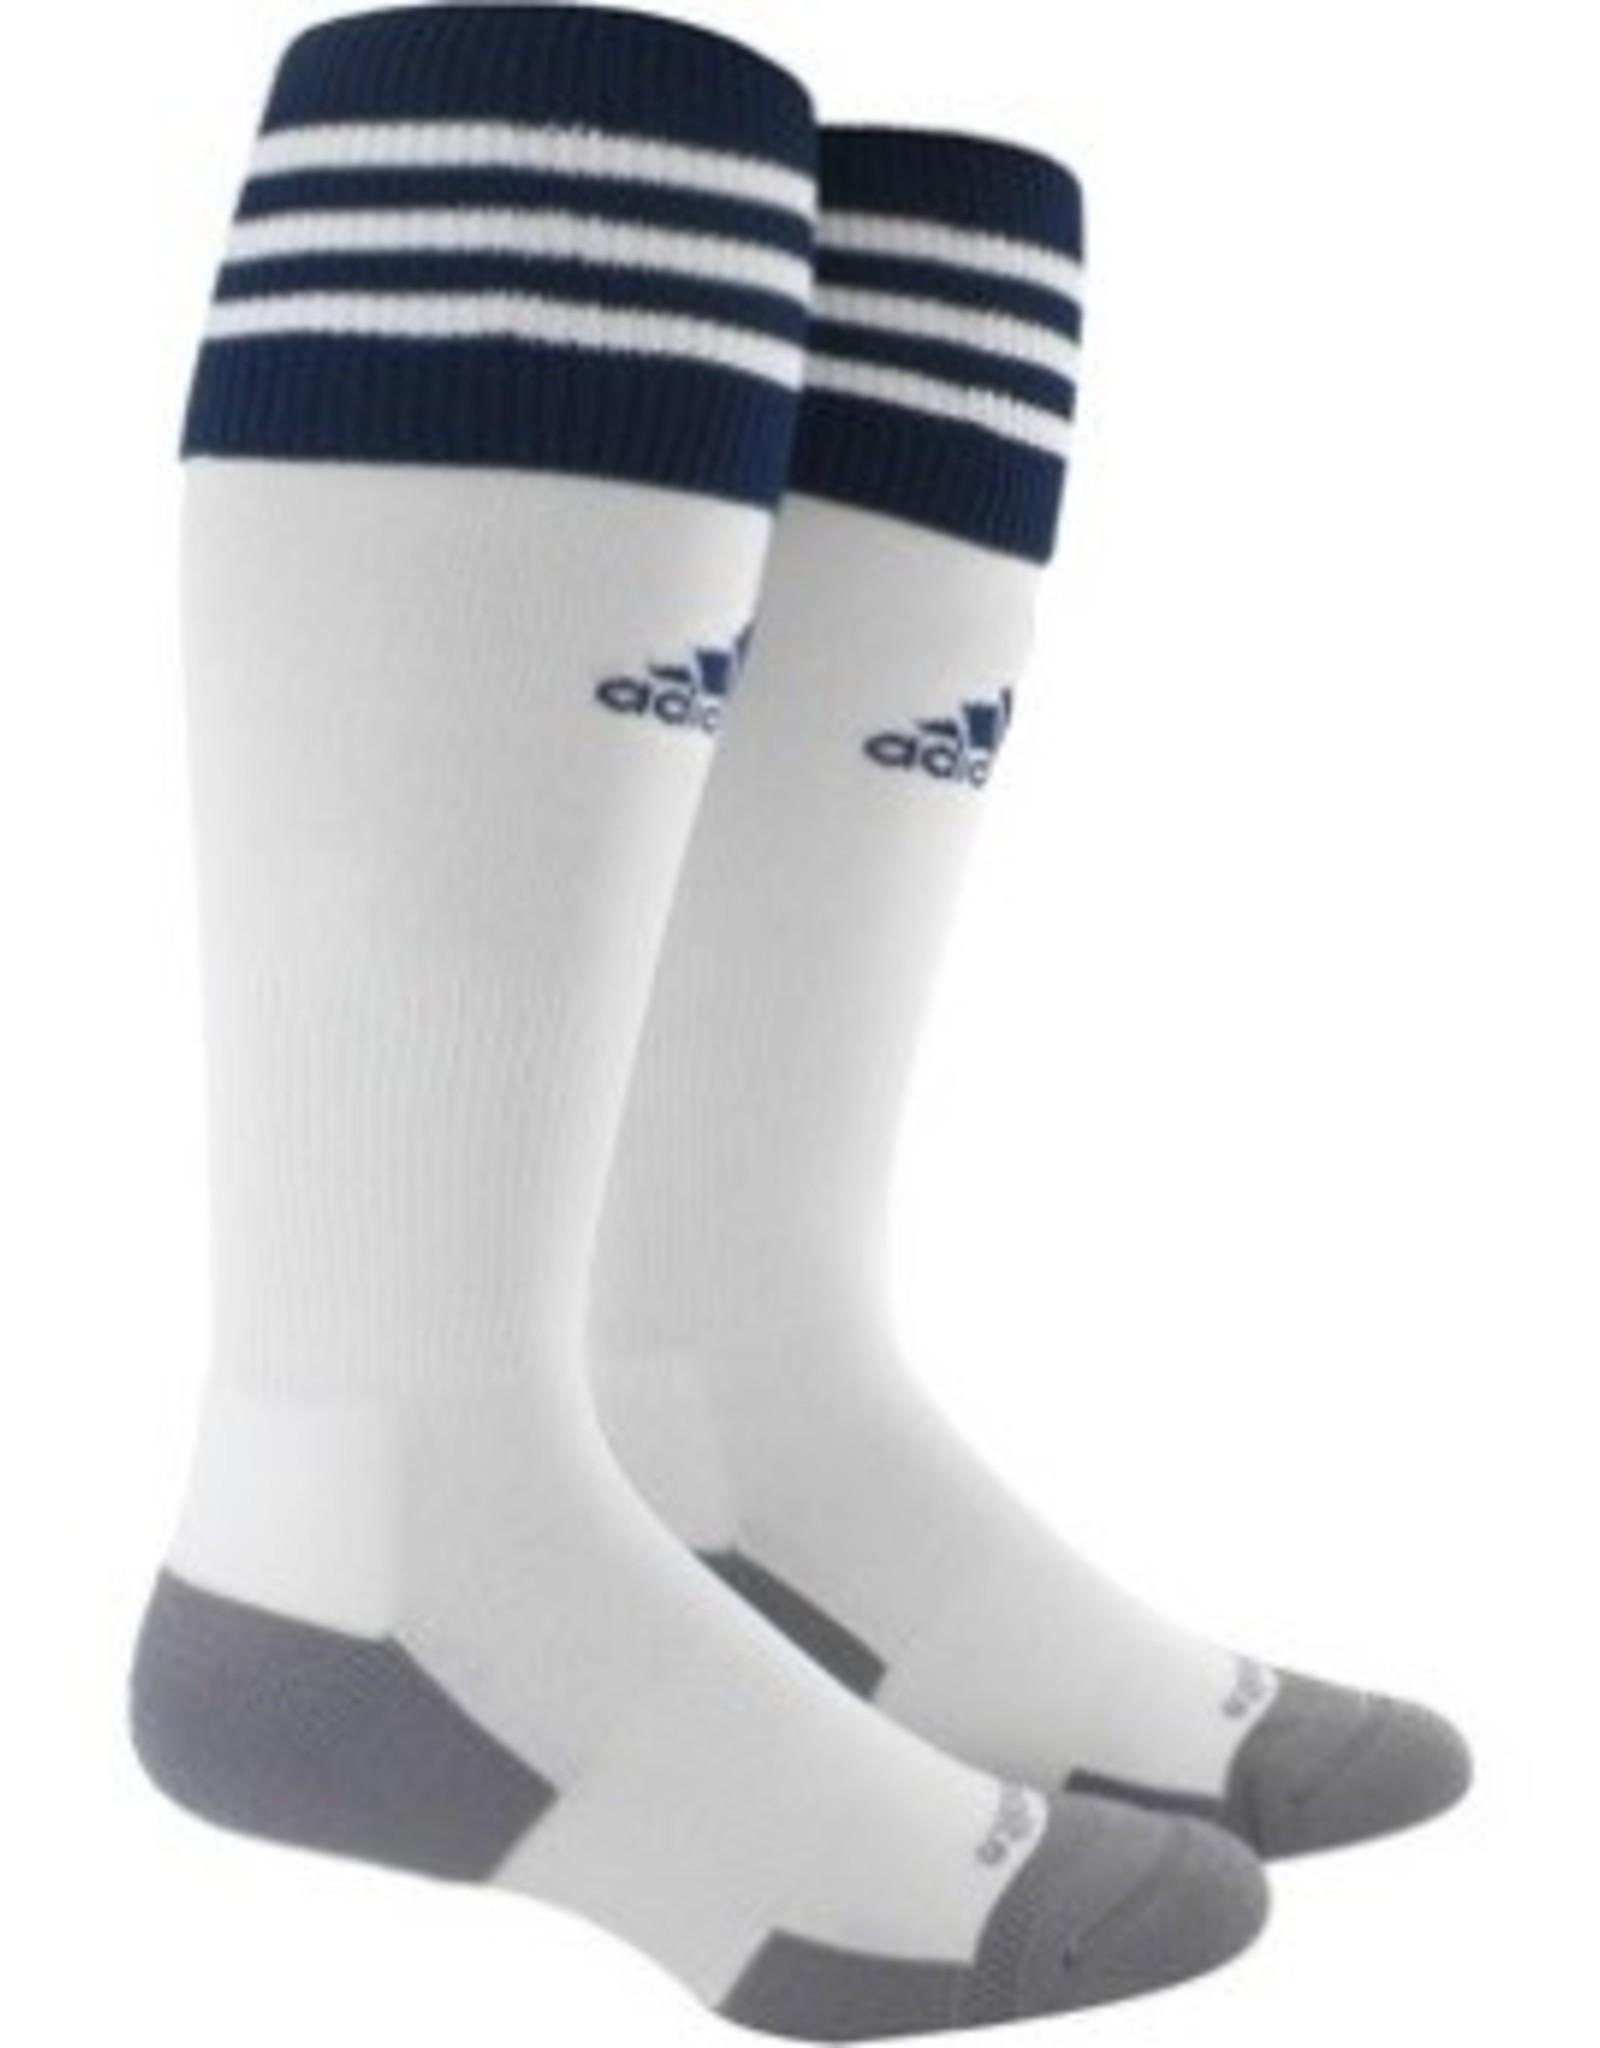 Adidas Adidas Copa Zone 11 Socks White w/Navy 7.8.5 Size